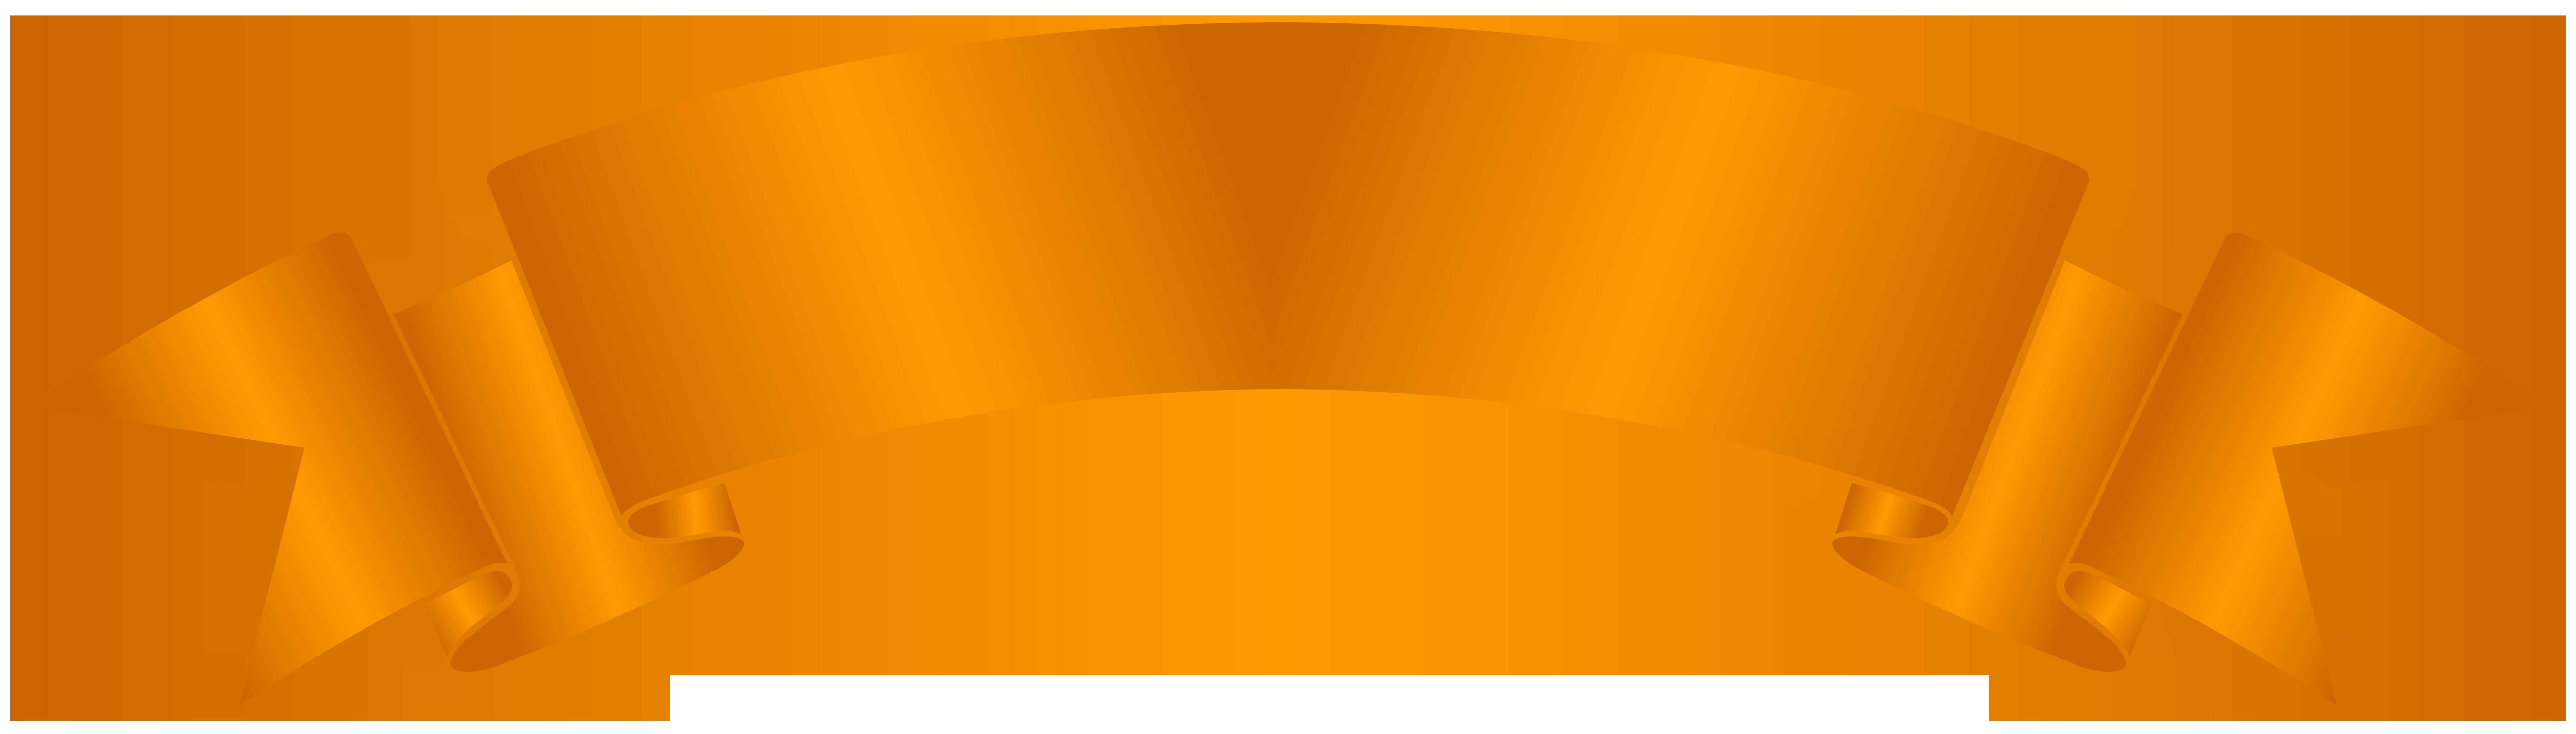 Orange Banner Clip Art PNG Image.